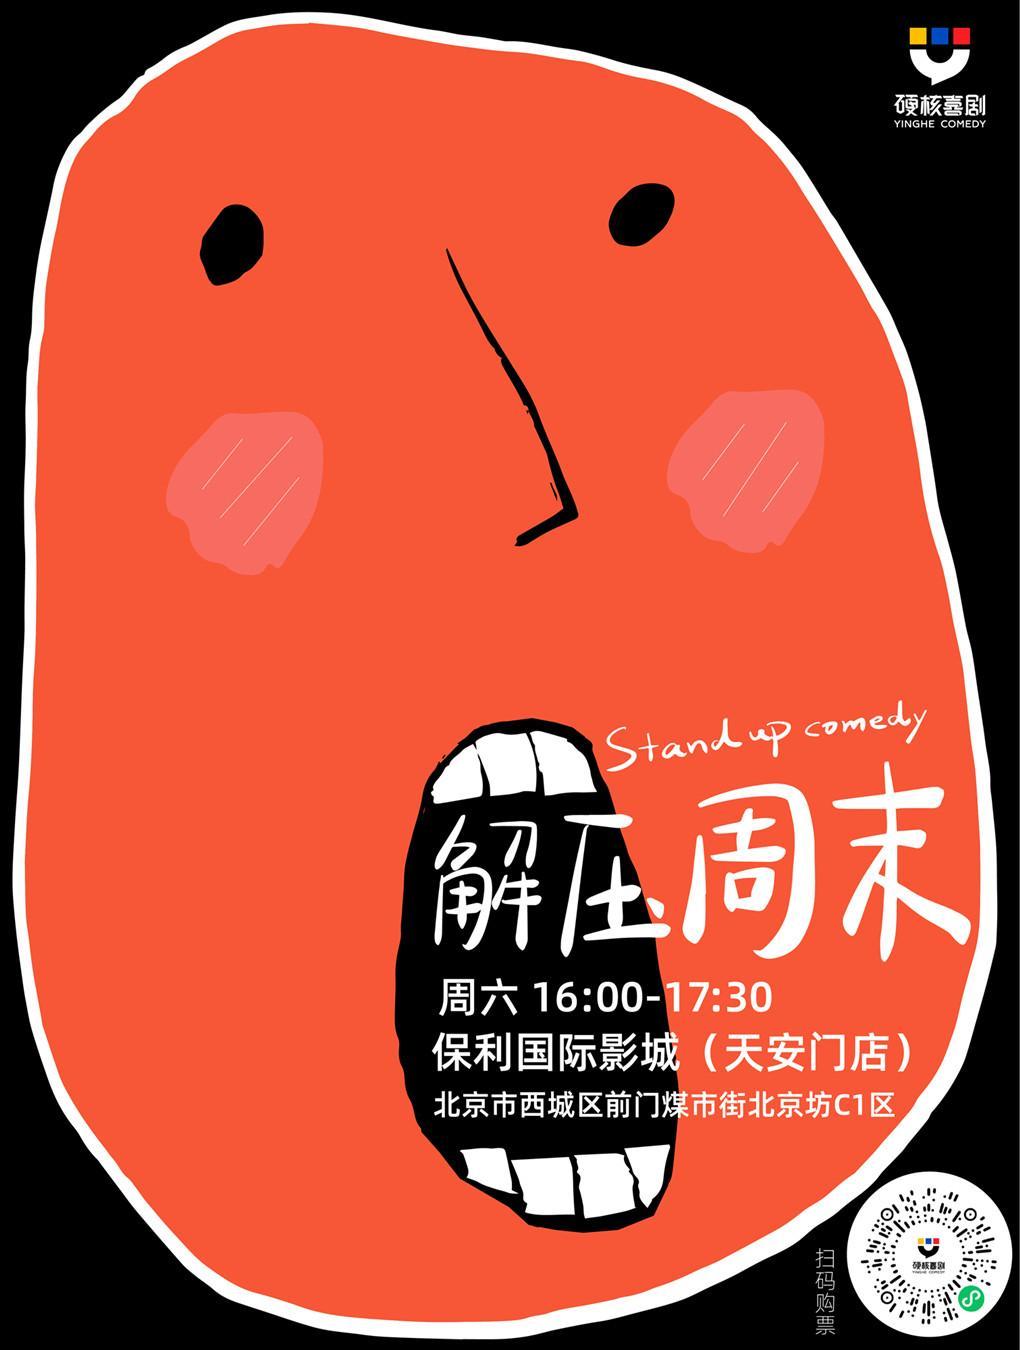 【北京站】解压周末|硬核喜剧脱口秀